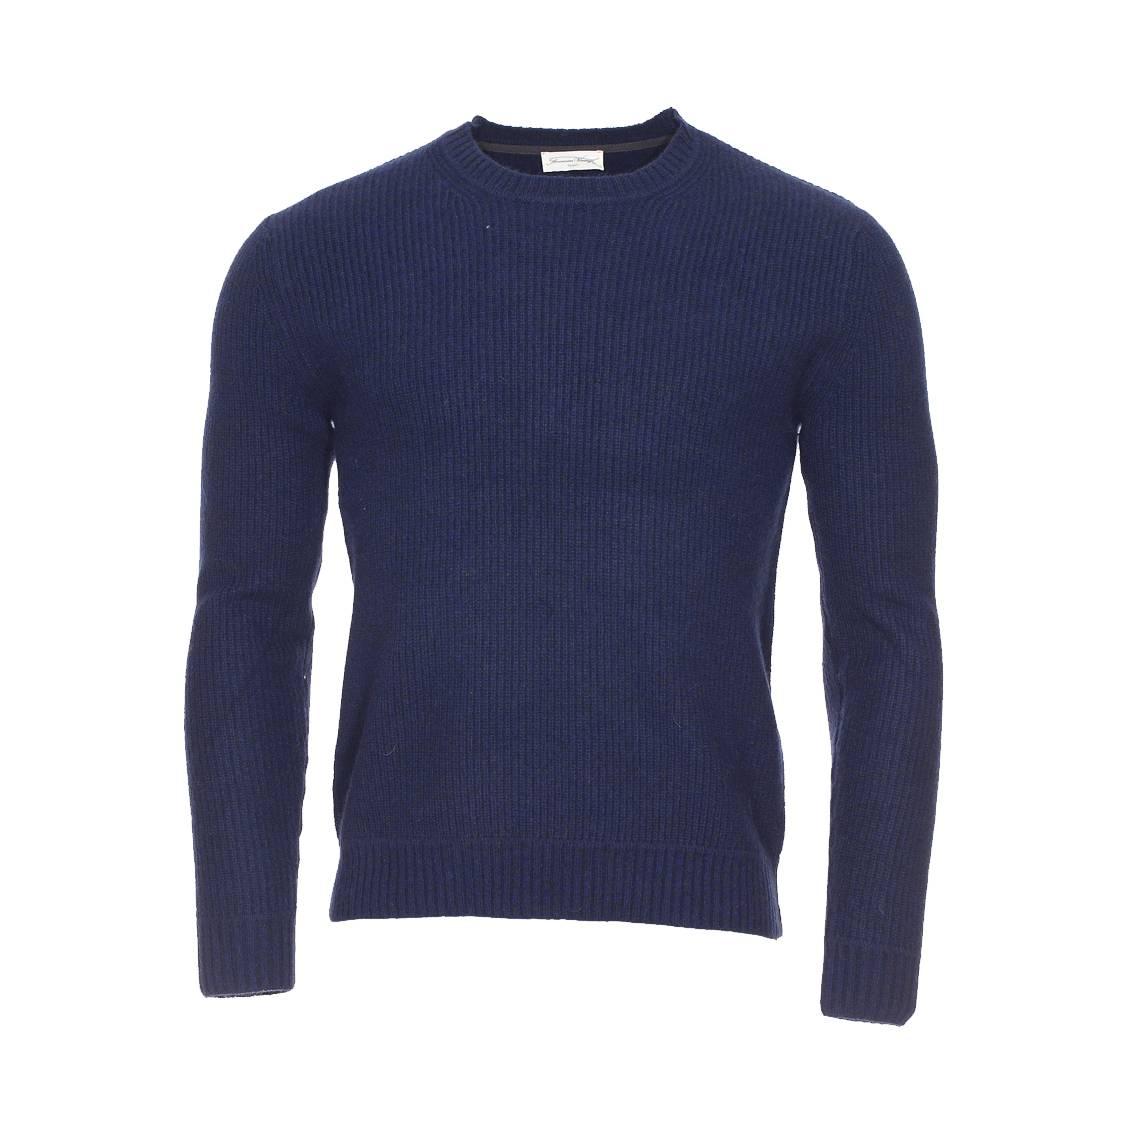 Pull sycamore  en laine et cachemire bleu marine